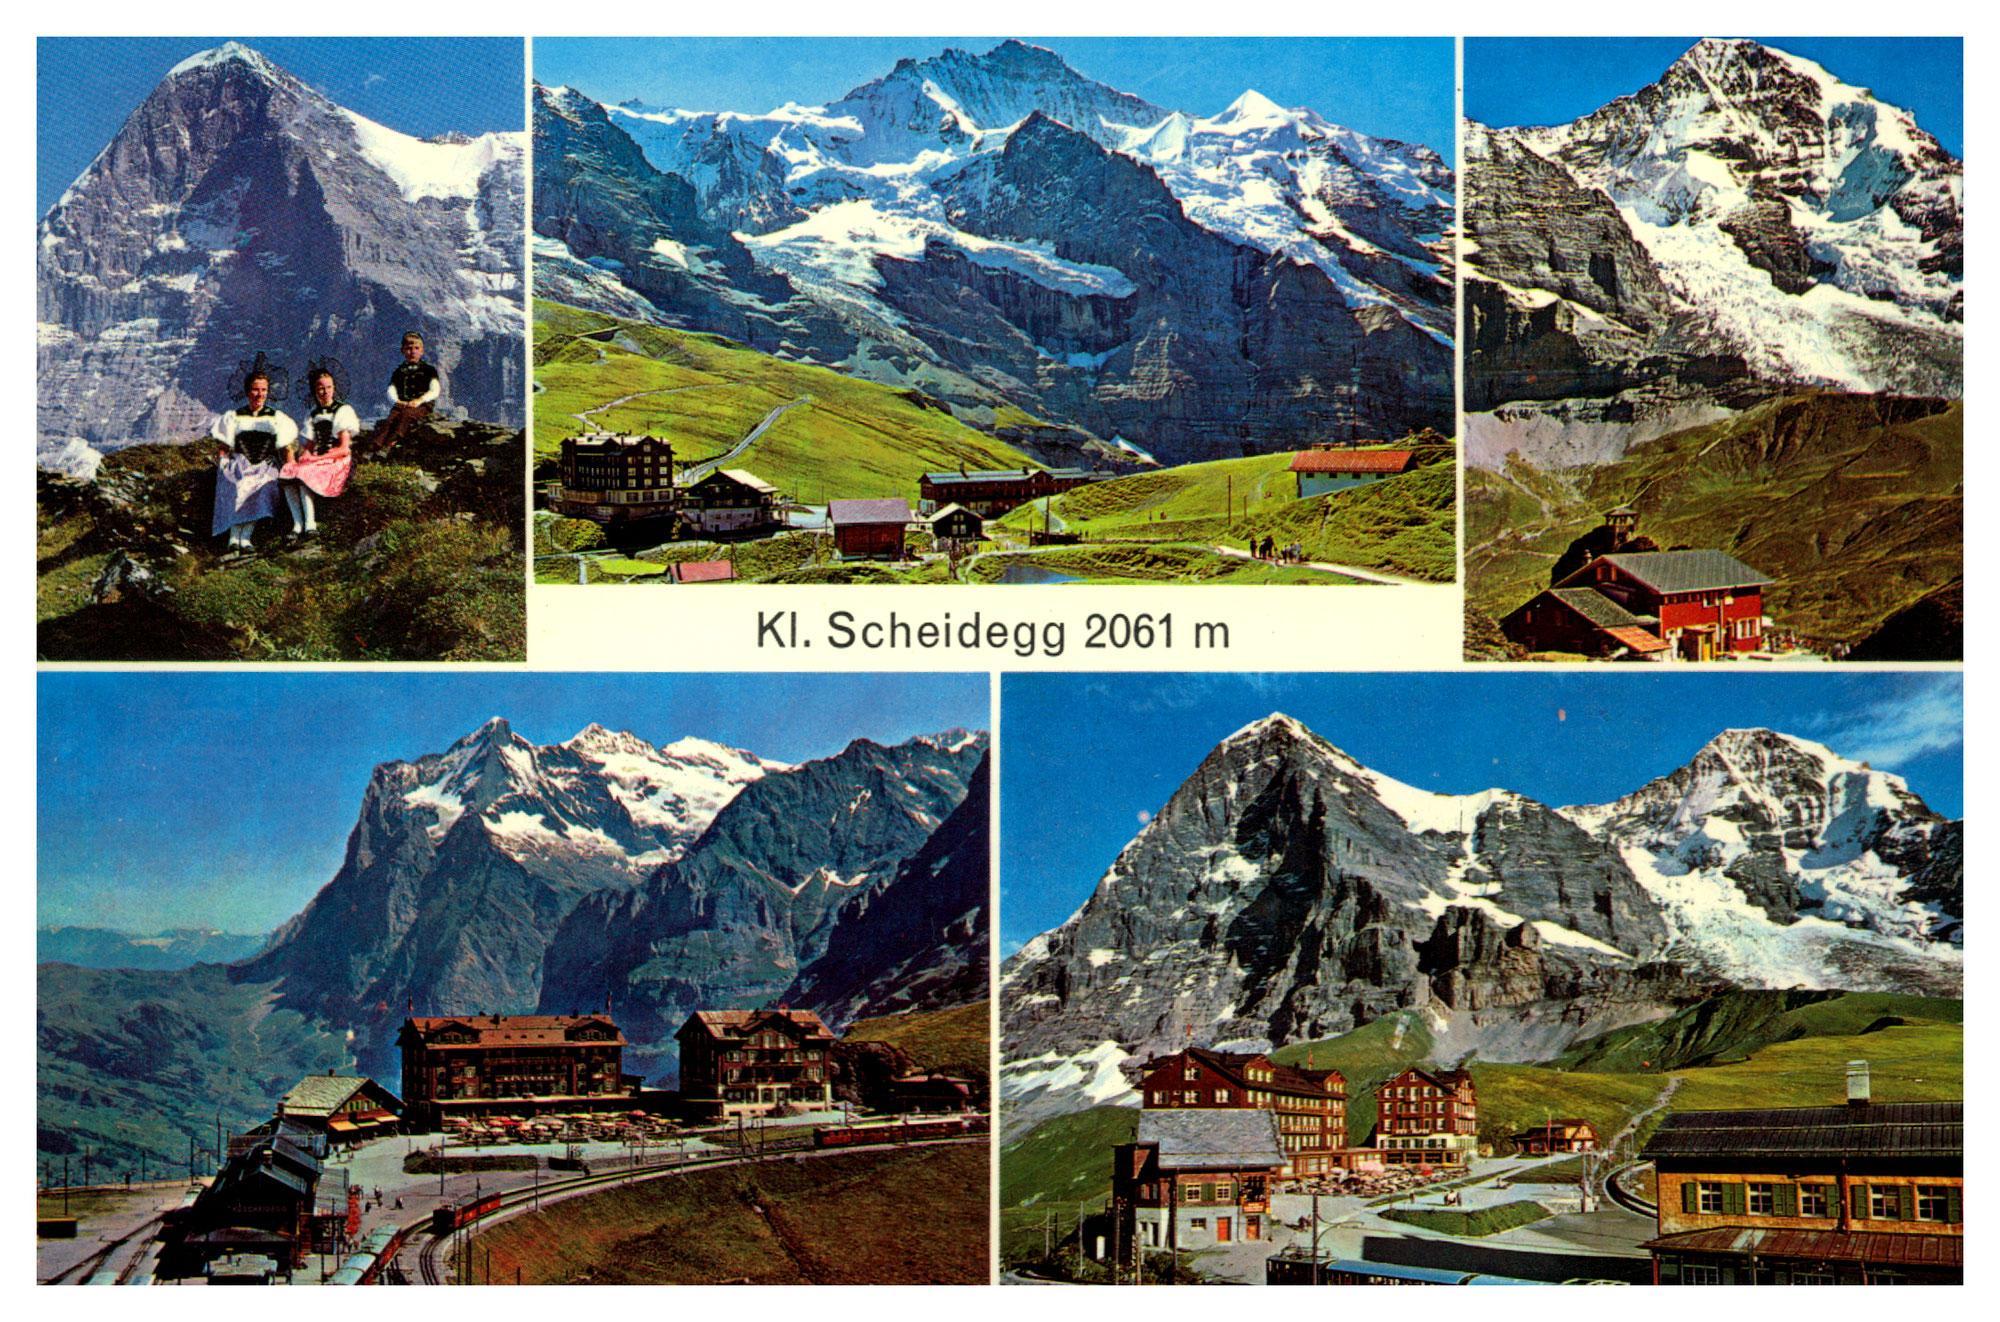 Interlaken und Kleine Scheidegg - Camping Alpenblick